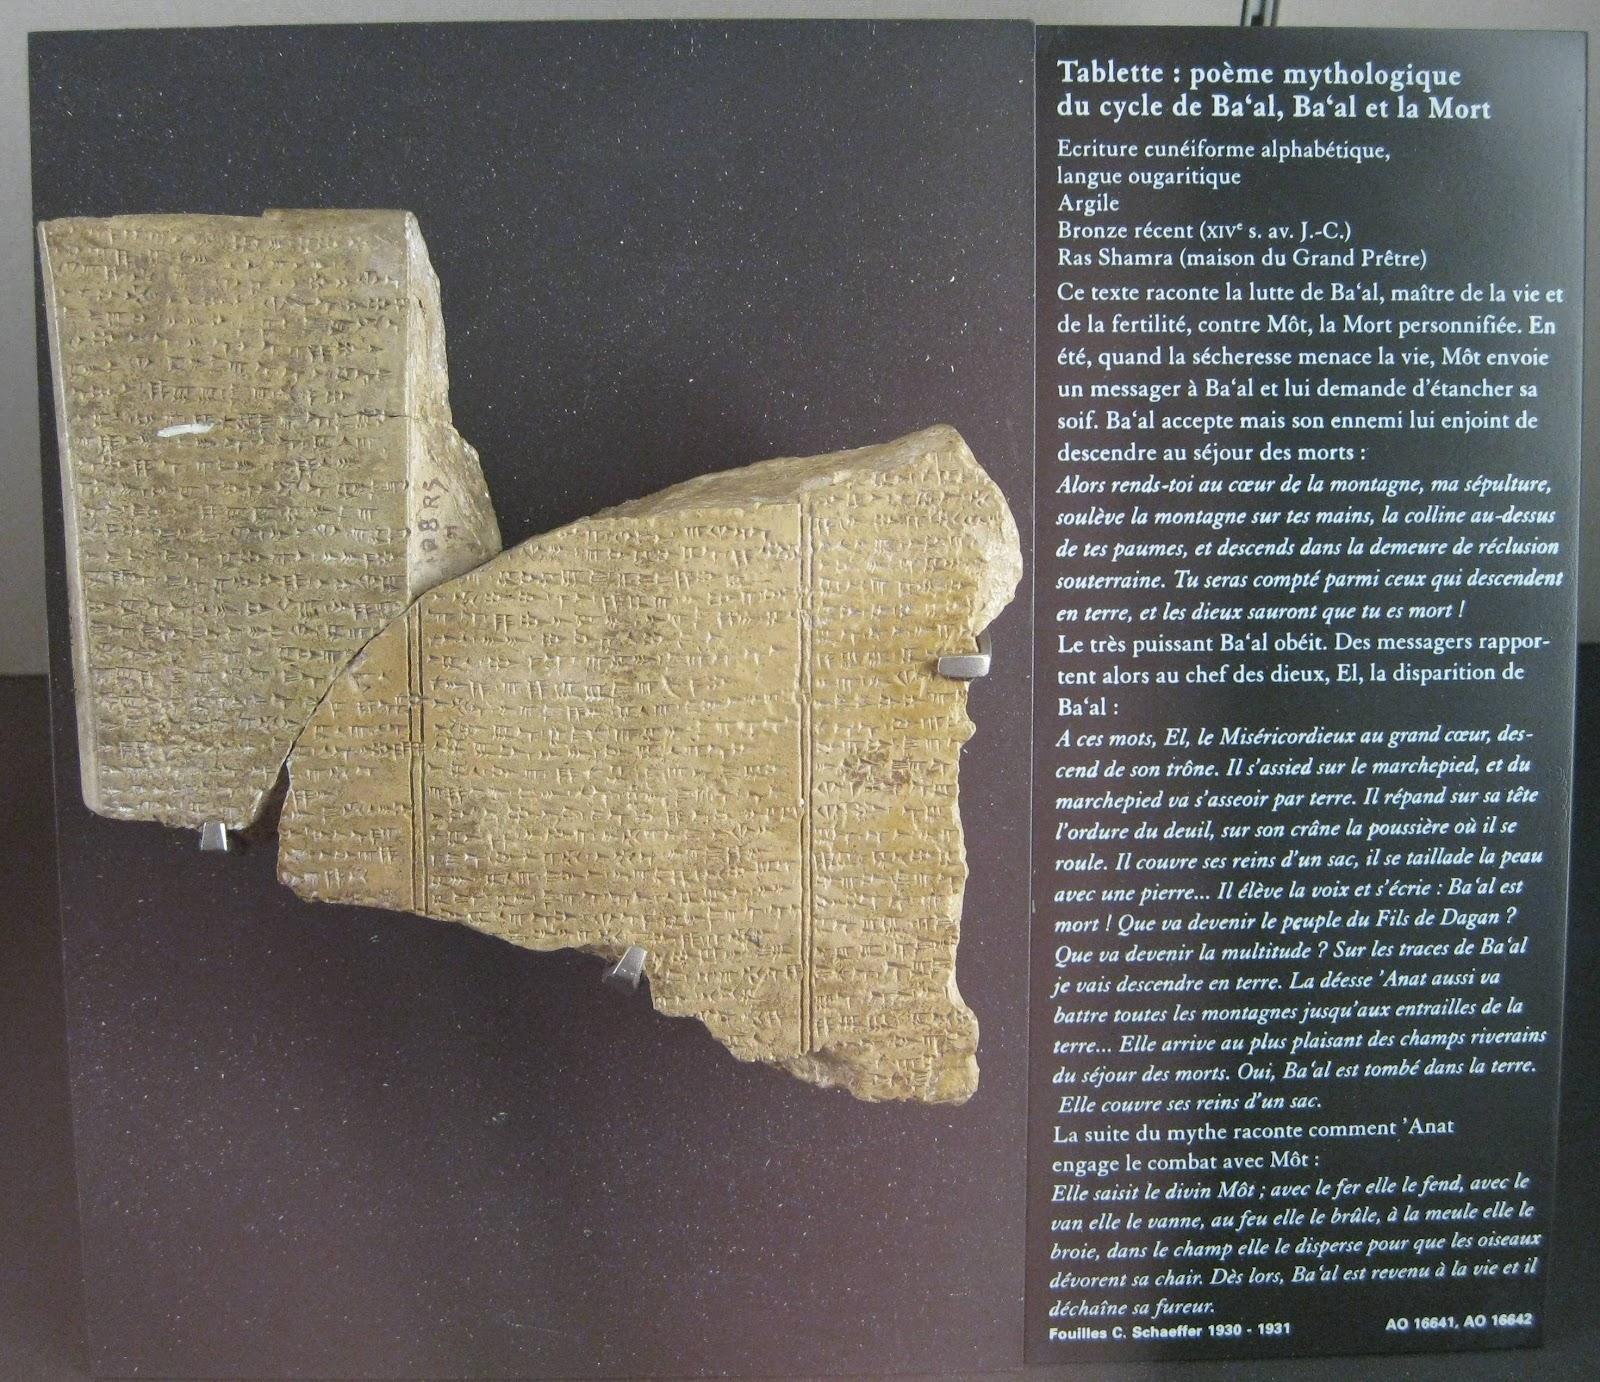 上图:在叙利亚Ras Shamra发现的主前14-12世纪乌加里特文本(Ugaritic Text)迦南史诗巴力合集(Baal Cycle),揭示了古代迦南的巴力崇拜,其中提到巴力与母牛淫合并生子。